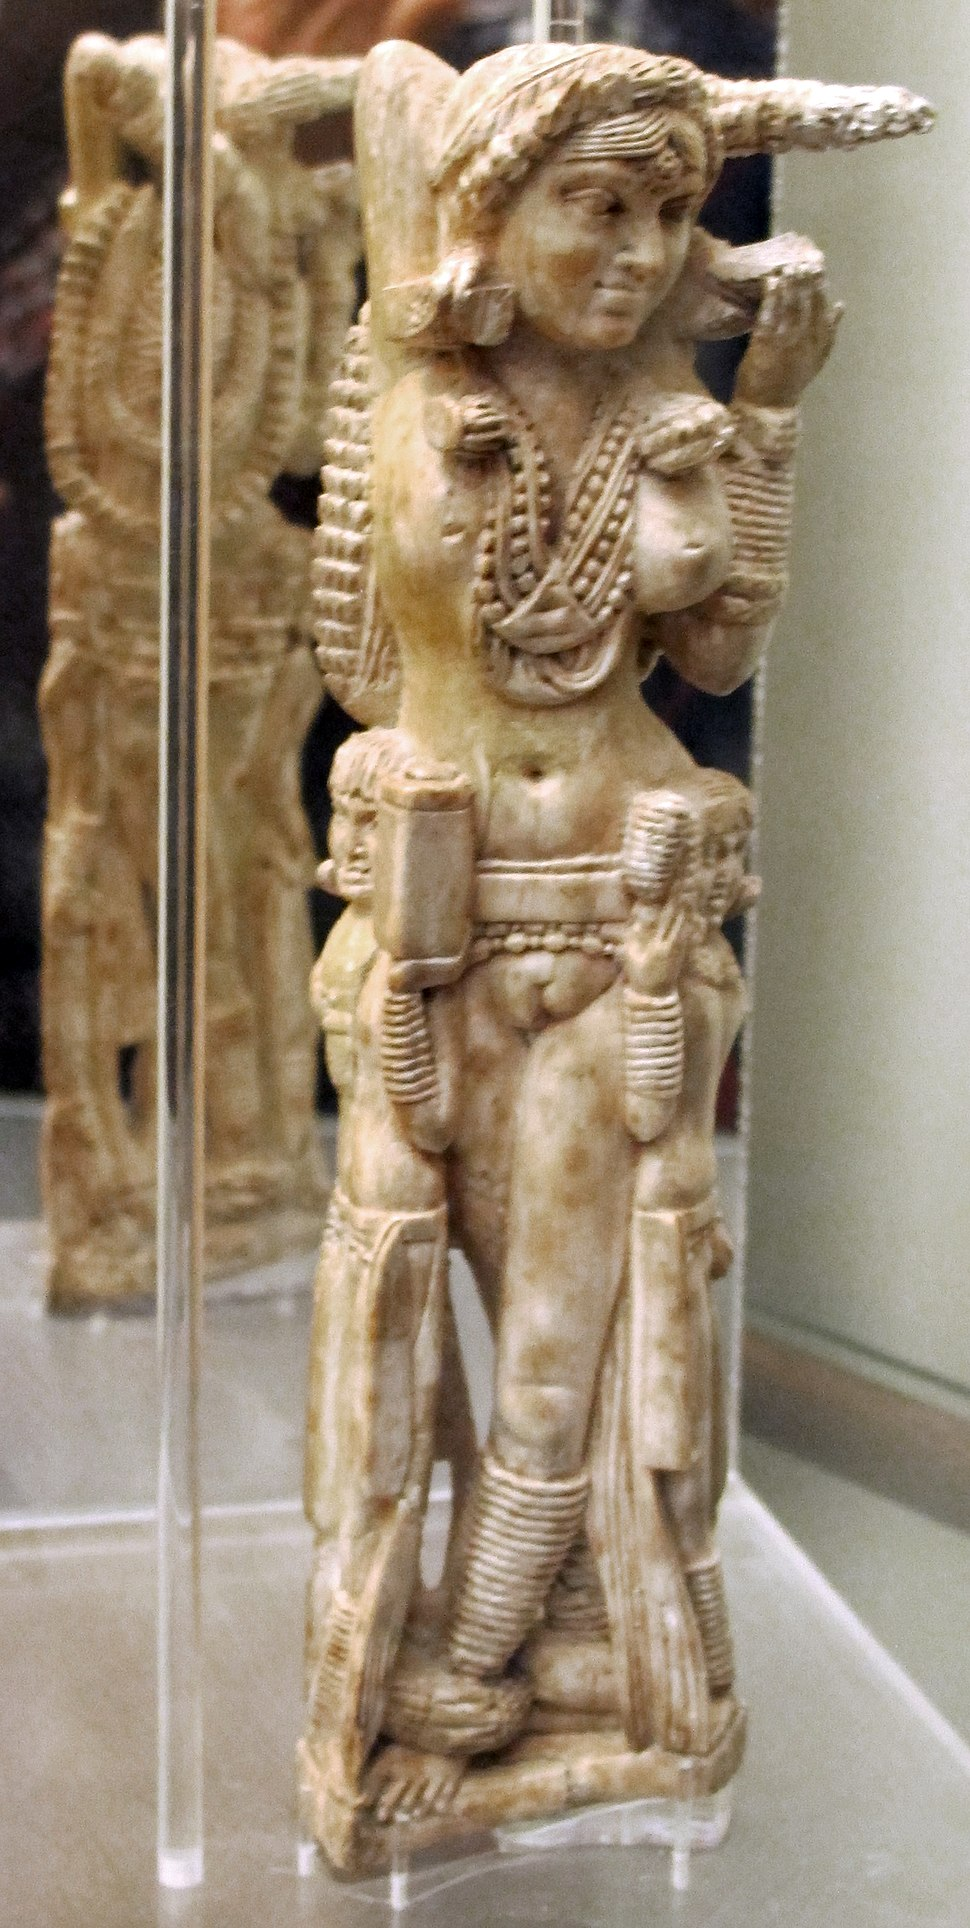 Statuetta indiana di Lakshmi, avorio, da pompei, 1-50 dc ca., 149425, 02